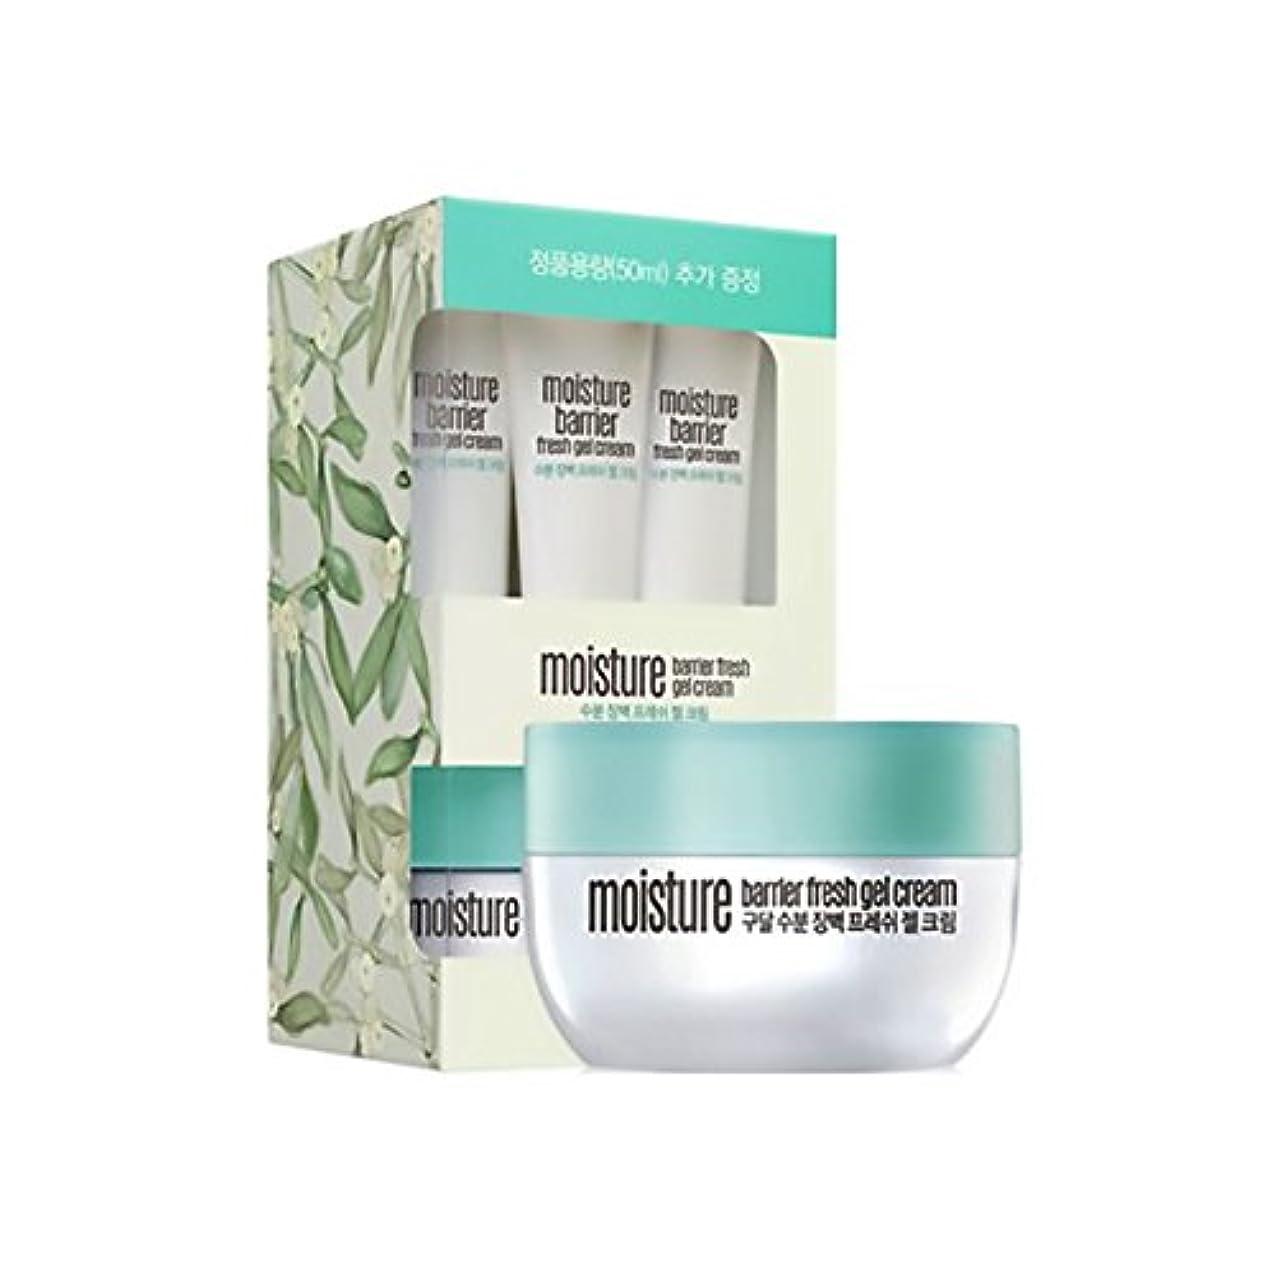 対応する受付パワーgoodal moisture barrier fresh gel cream set